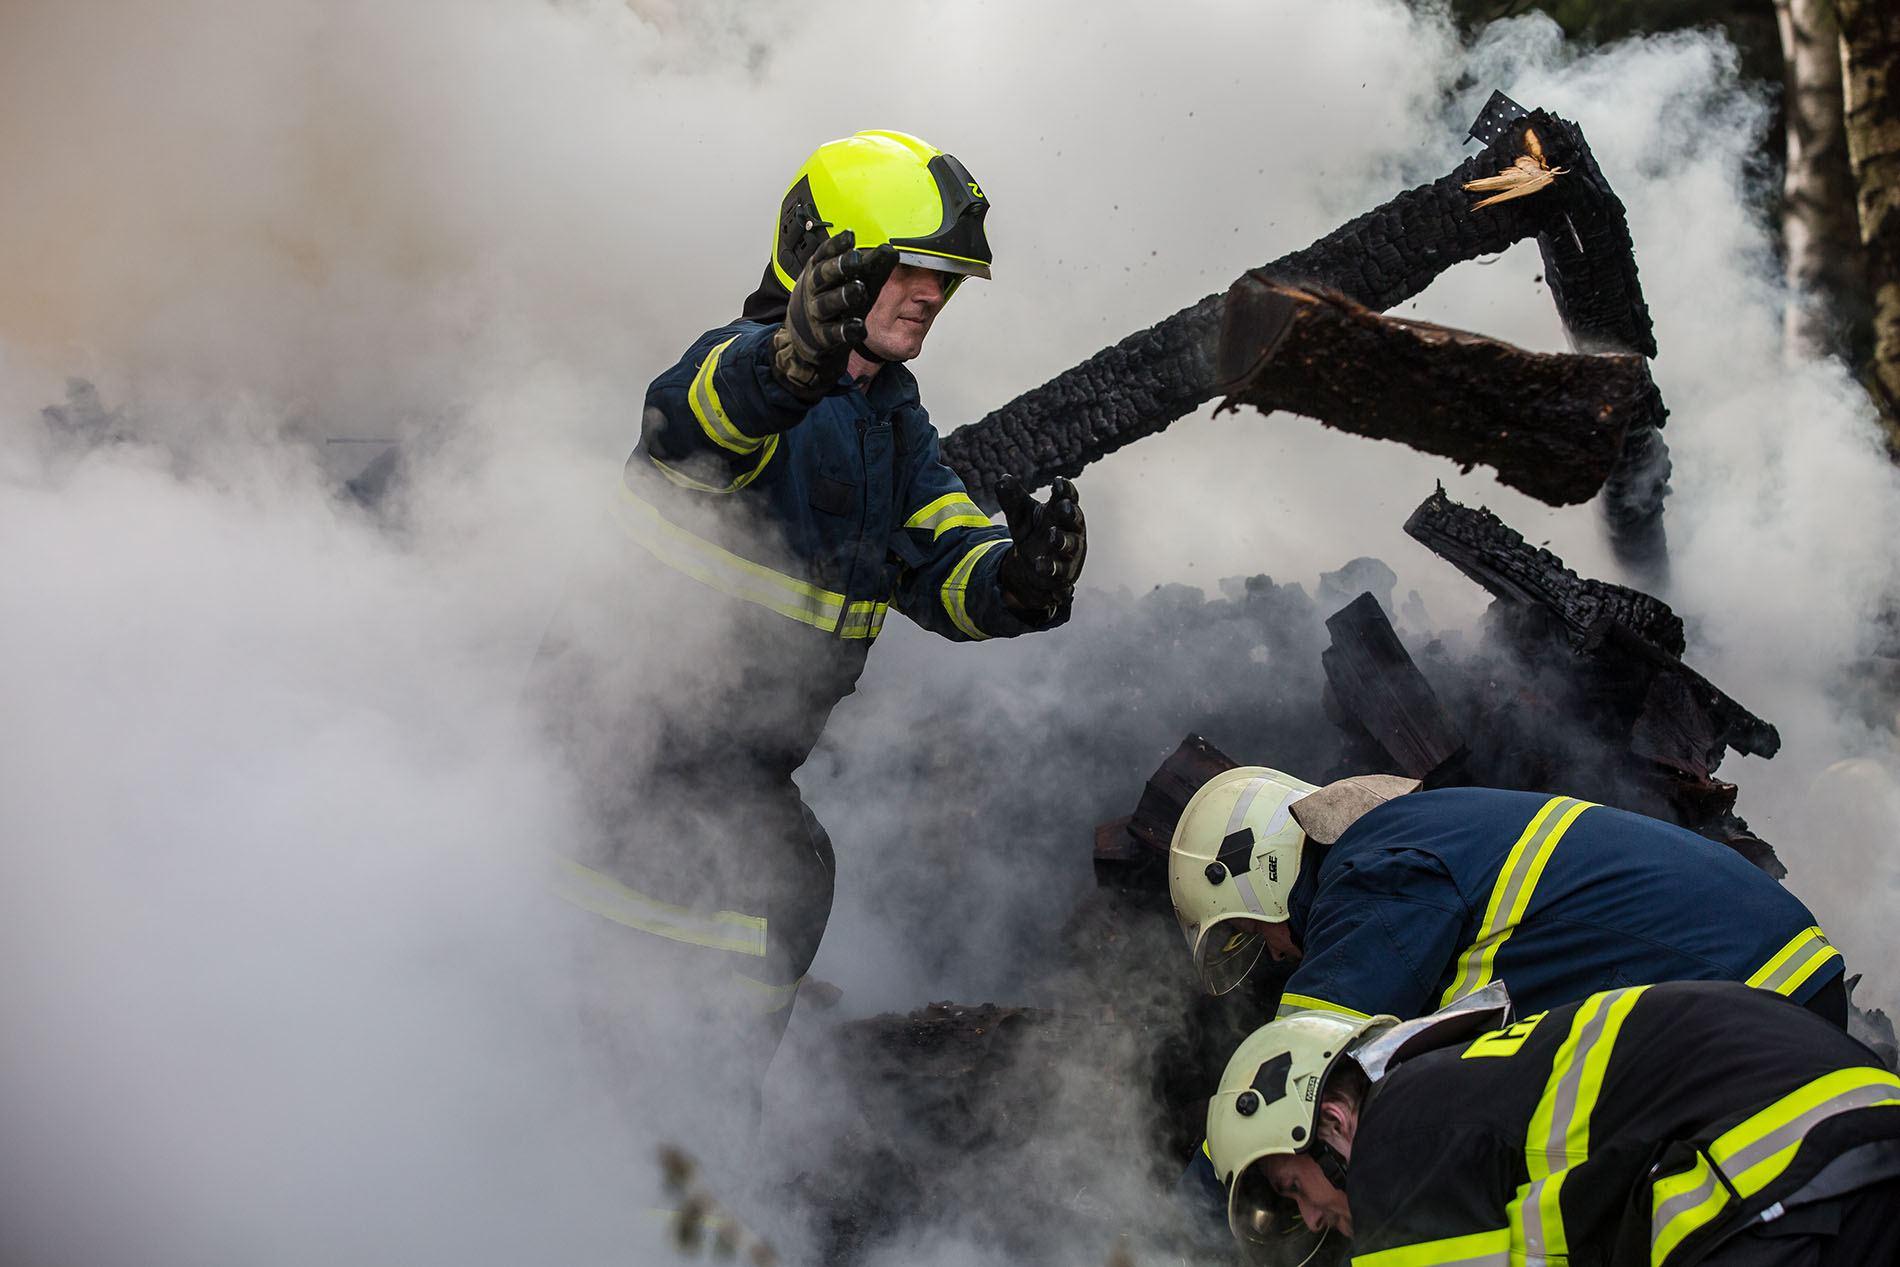 Zjistit příčinu požáru je namáhavá a špinavá práce